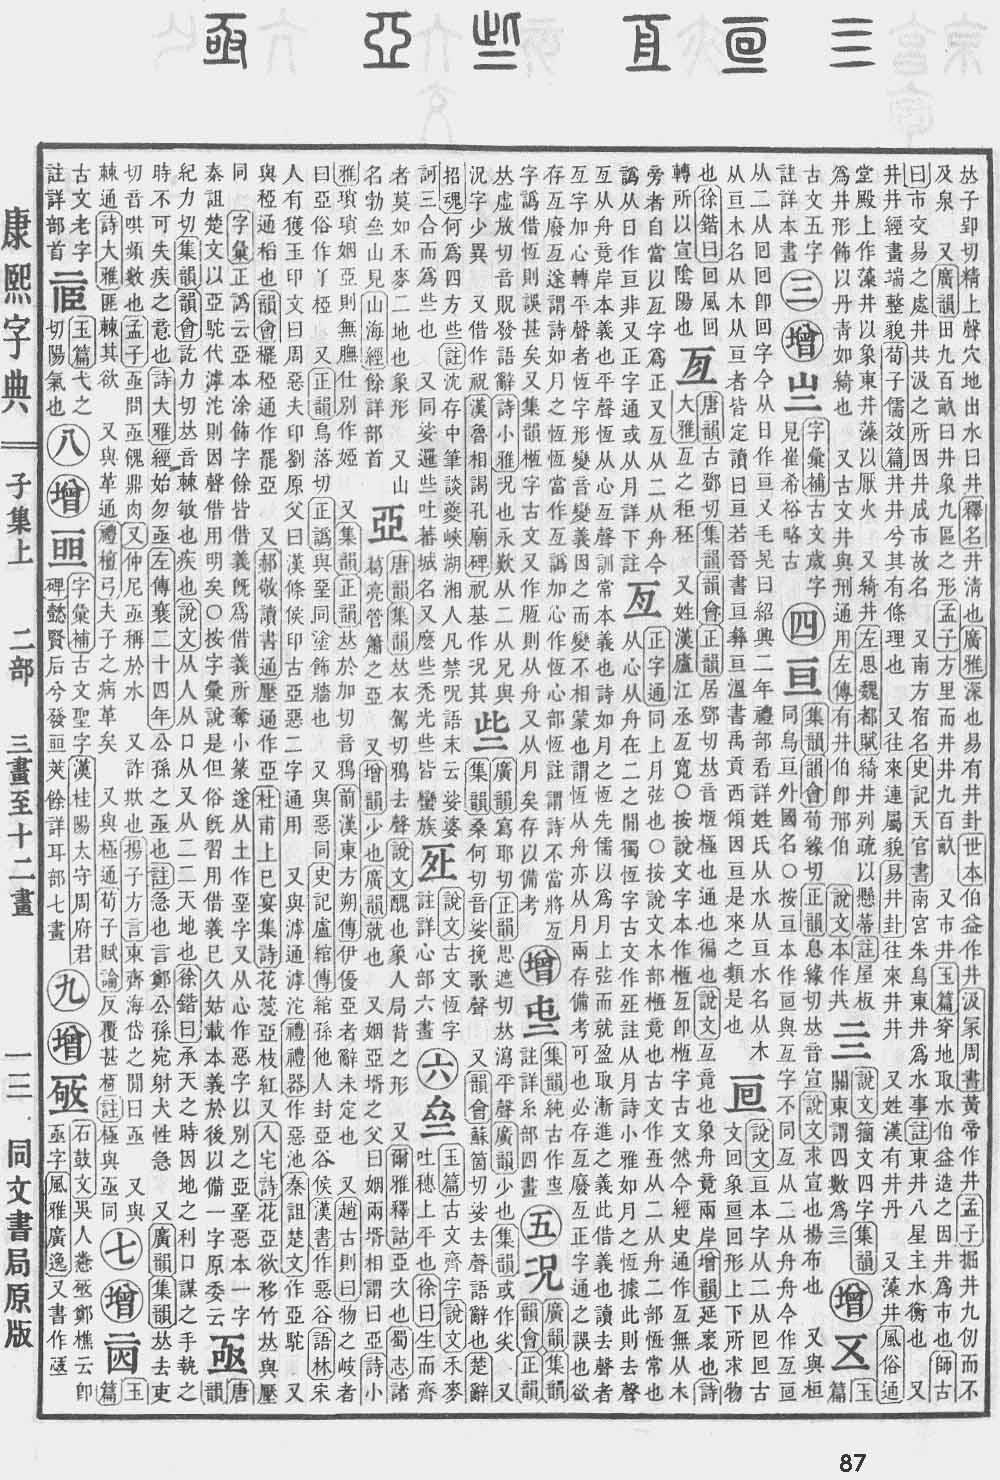 《康熙字典》第87页